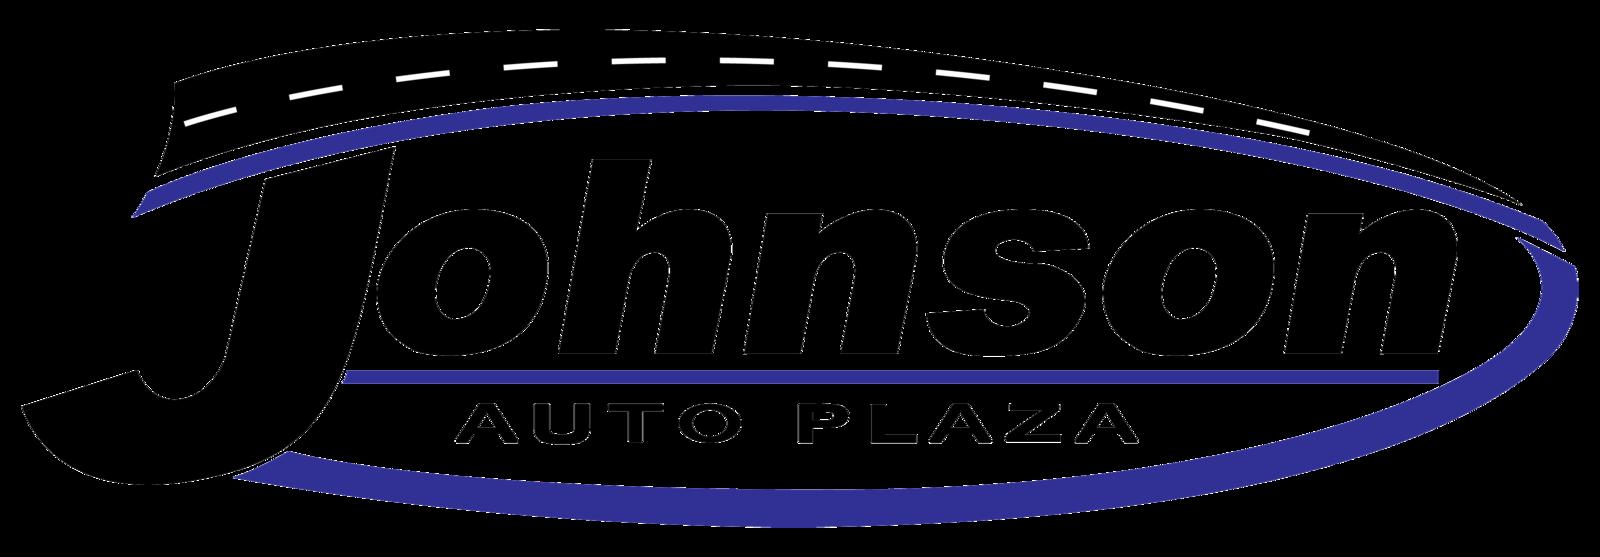 Johnson Auto Plaza Brighton Co >> Johnson Auto Plaza - Brighton, CO: Read Consumer reviews ...